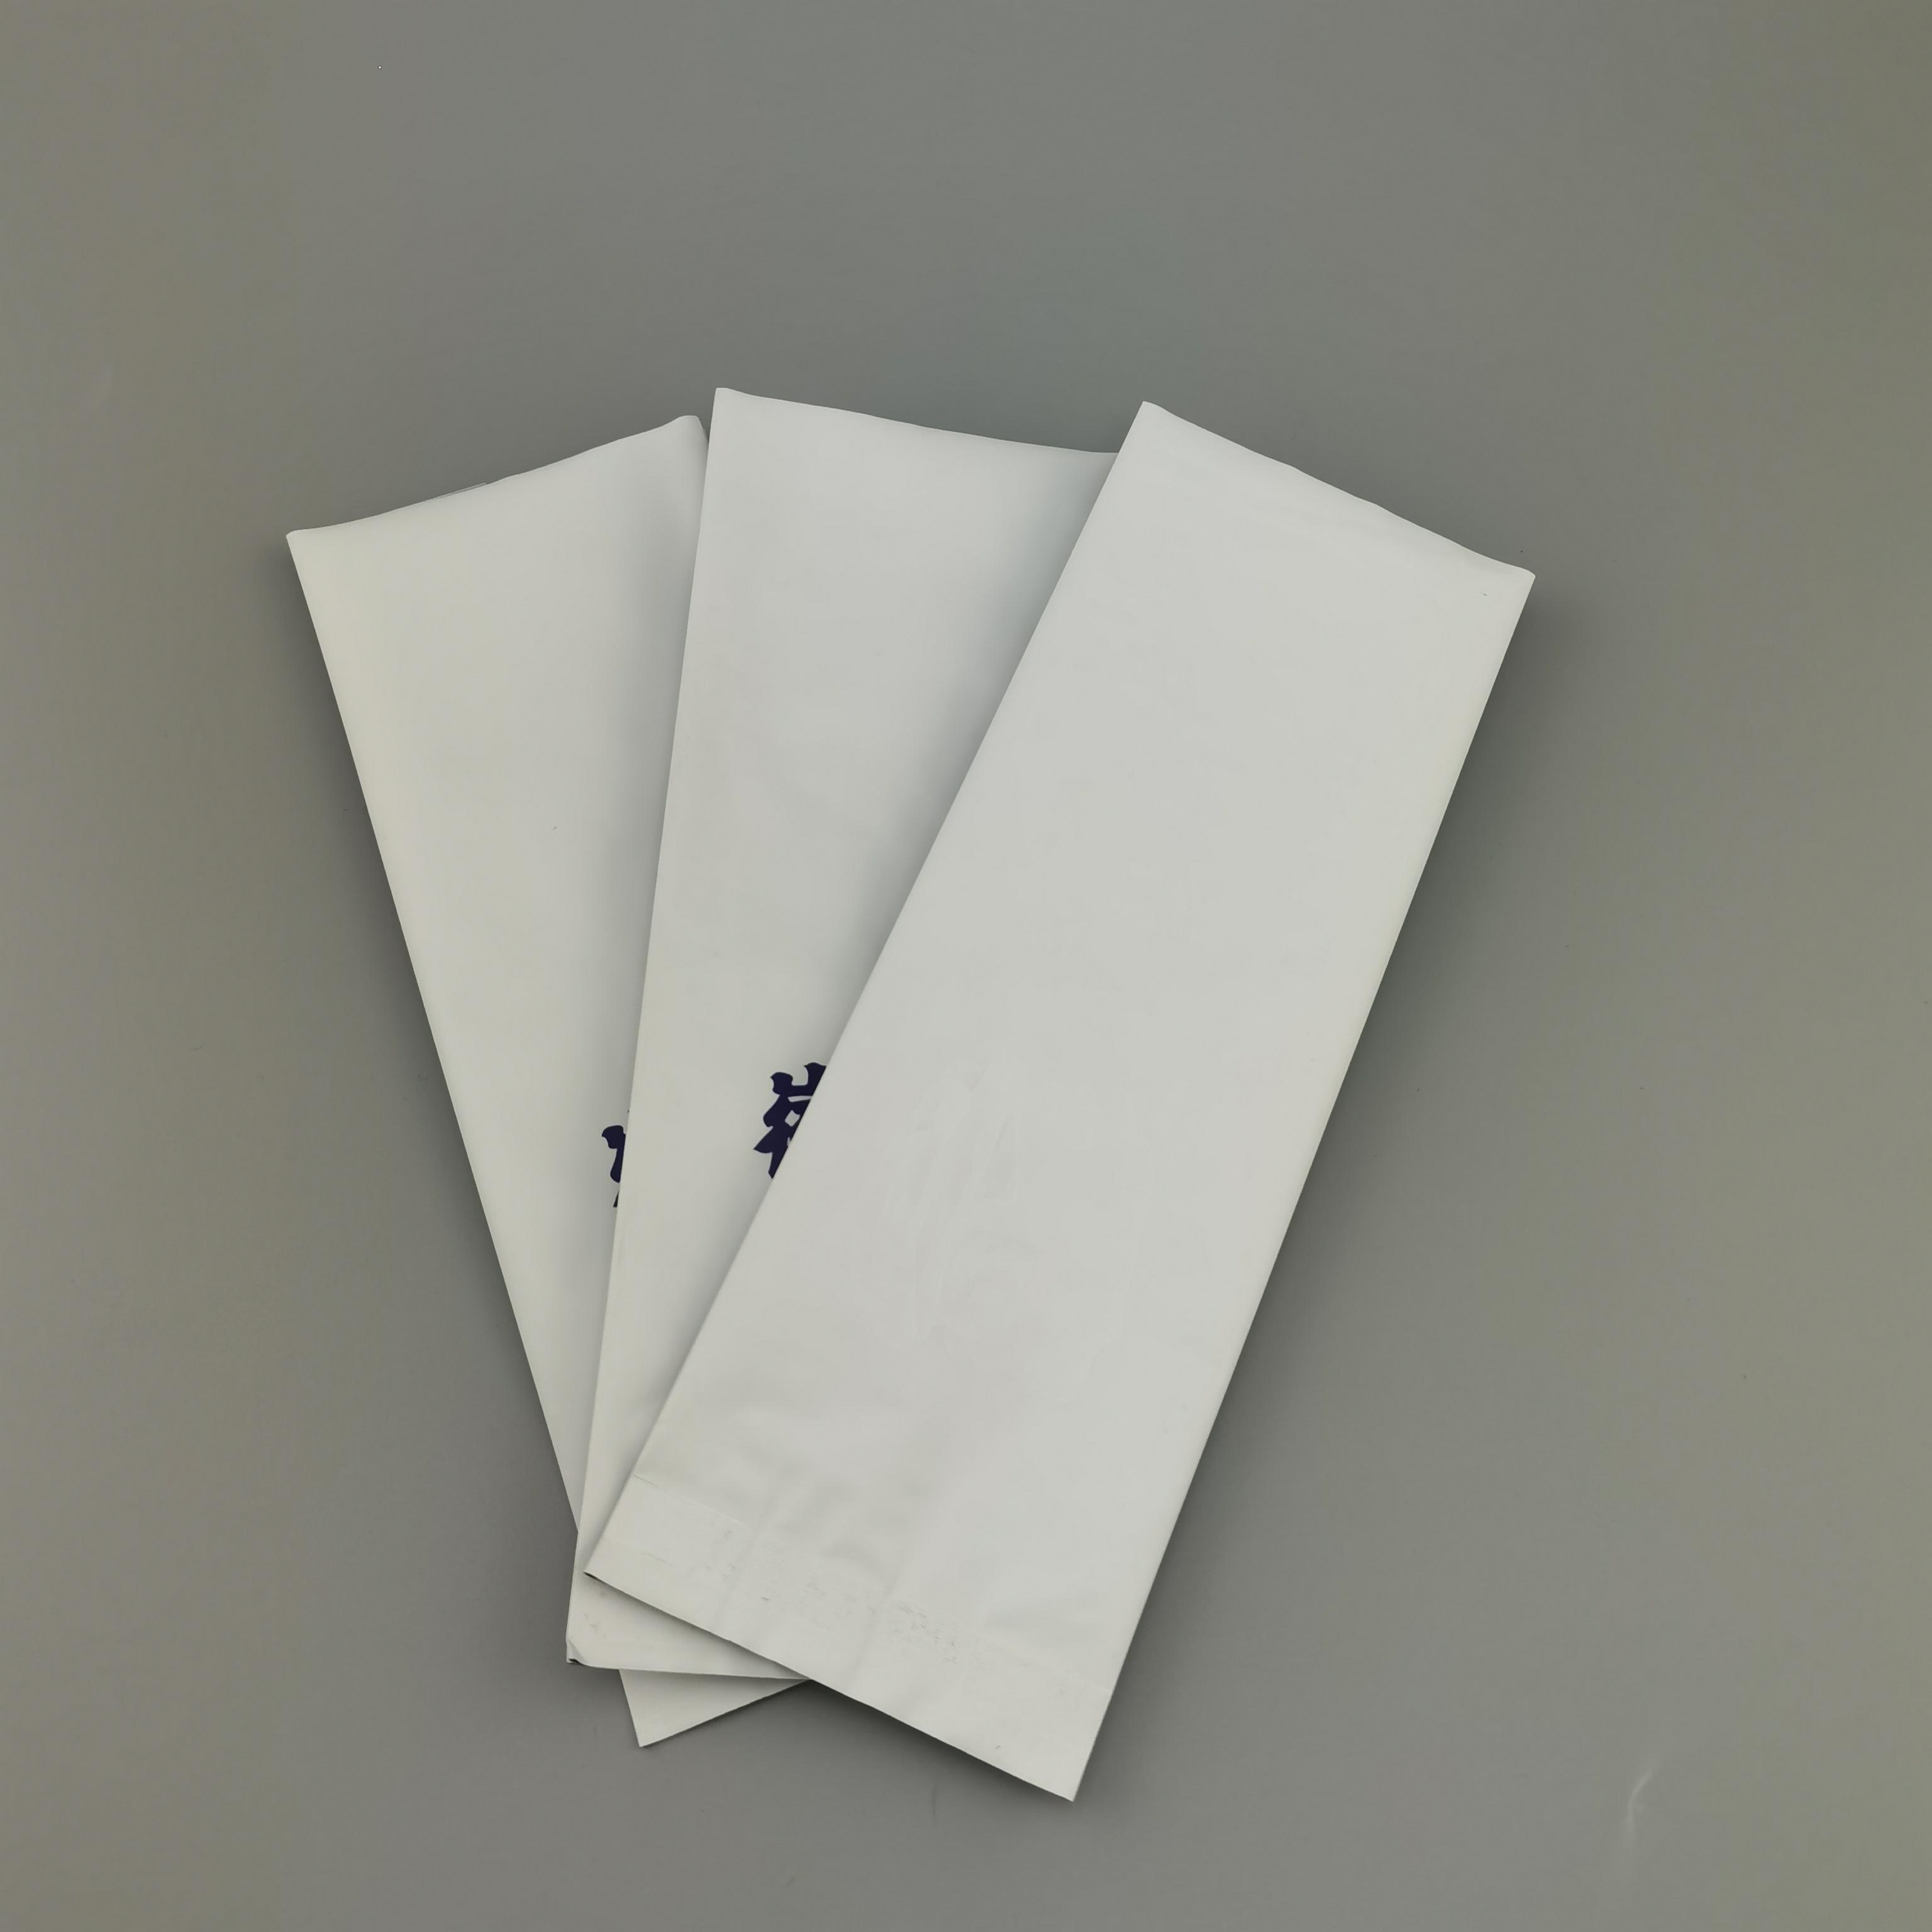 铝箔纯铝中封袋三边封颗粒粉状类包装袋口服葡萄糖包装袋食品级铝箔袋